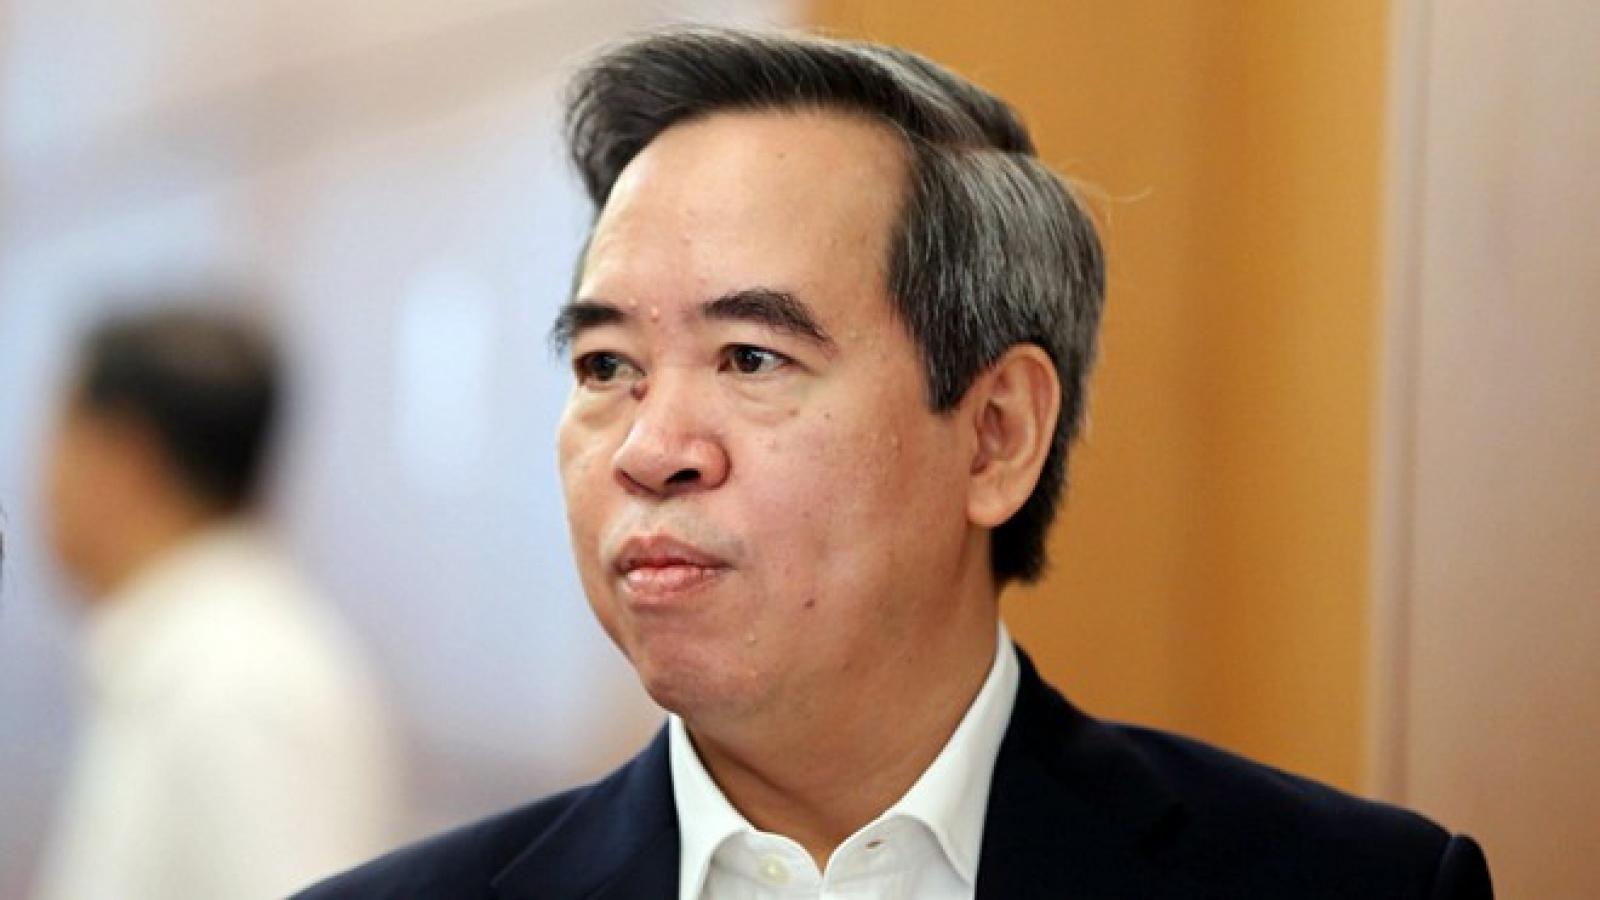 Kỷ luật ông Nguyễn Văn Bình là nghiêm khắc chứ không phải nặng hay nhẹ